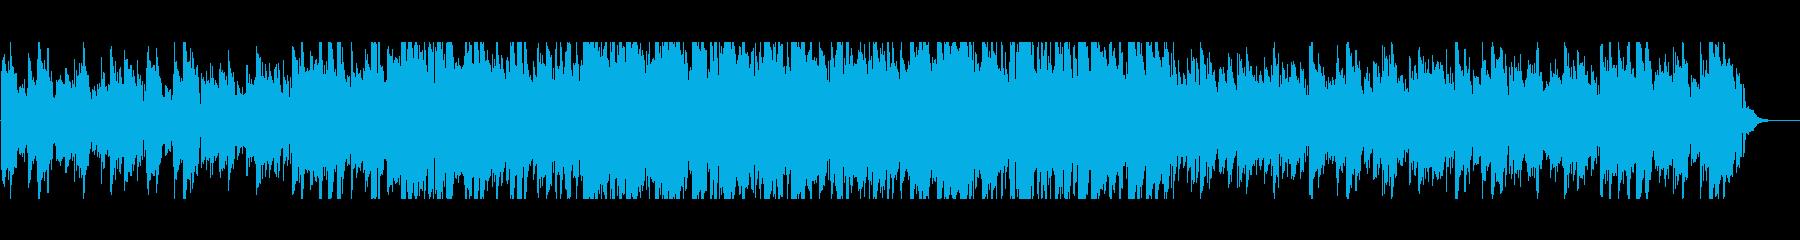 爽やかなピアノの旋律のハウスの再生済みの波形